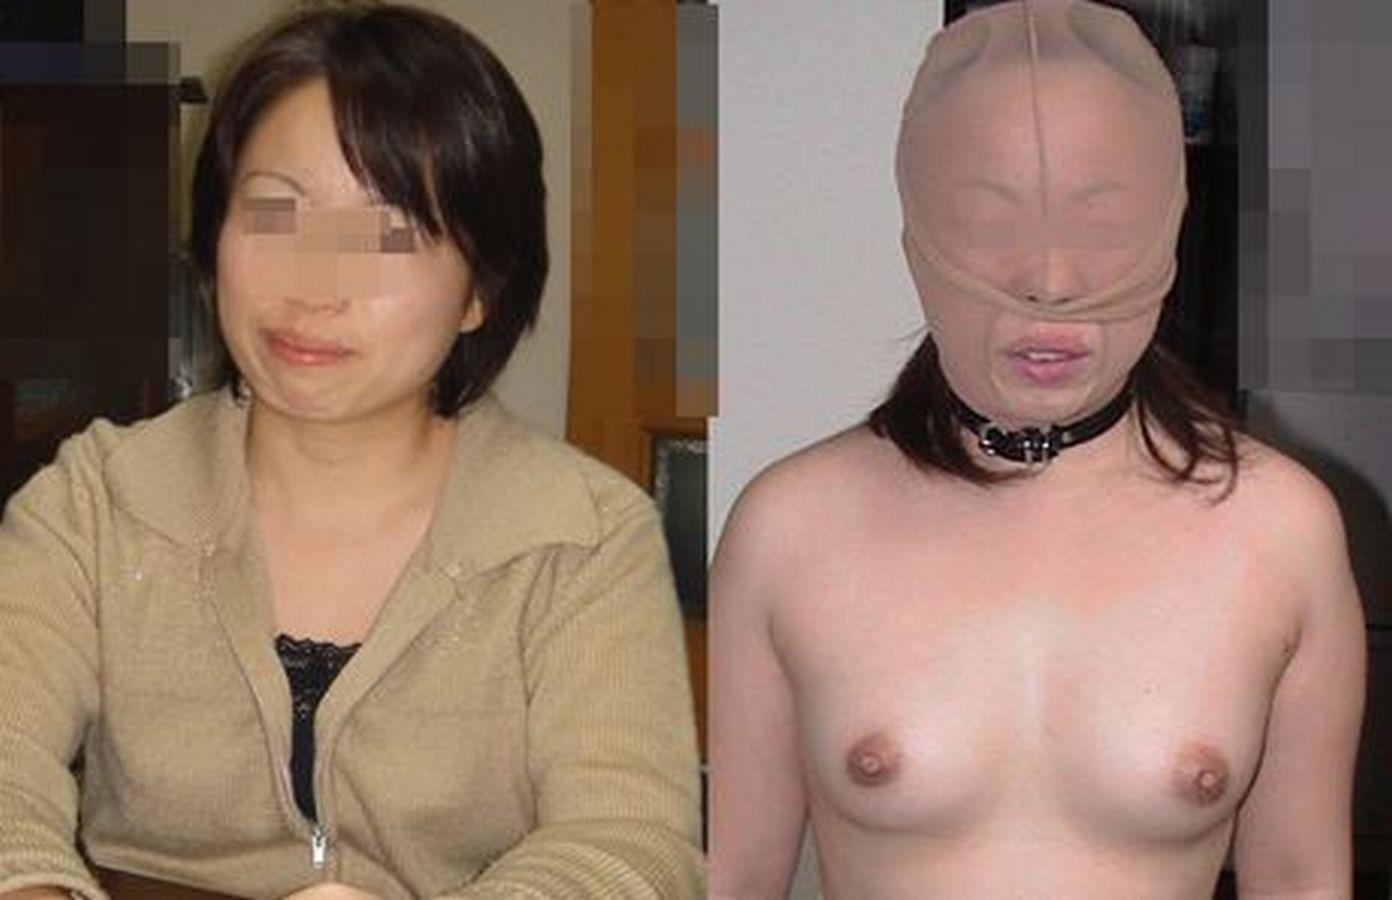 【着衣ヌード比較エロ画像】出会い系で不倫するようなおばさんにはお似合いの末路…着衣と裸を晒される人妻さんwwww その5